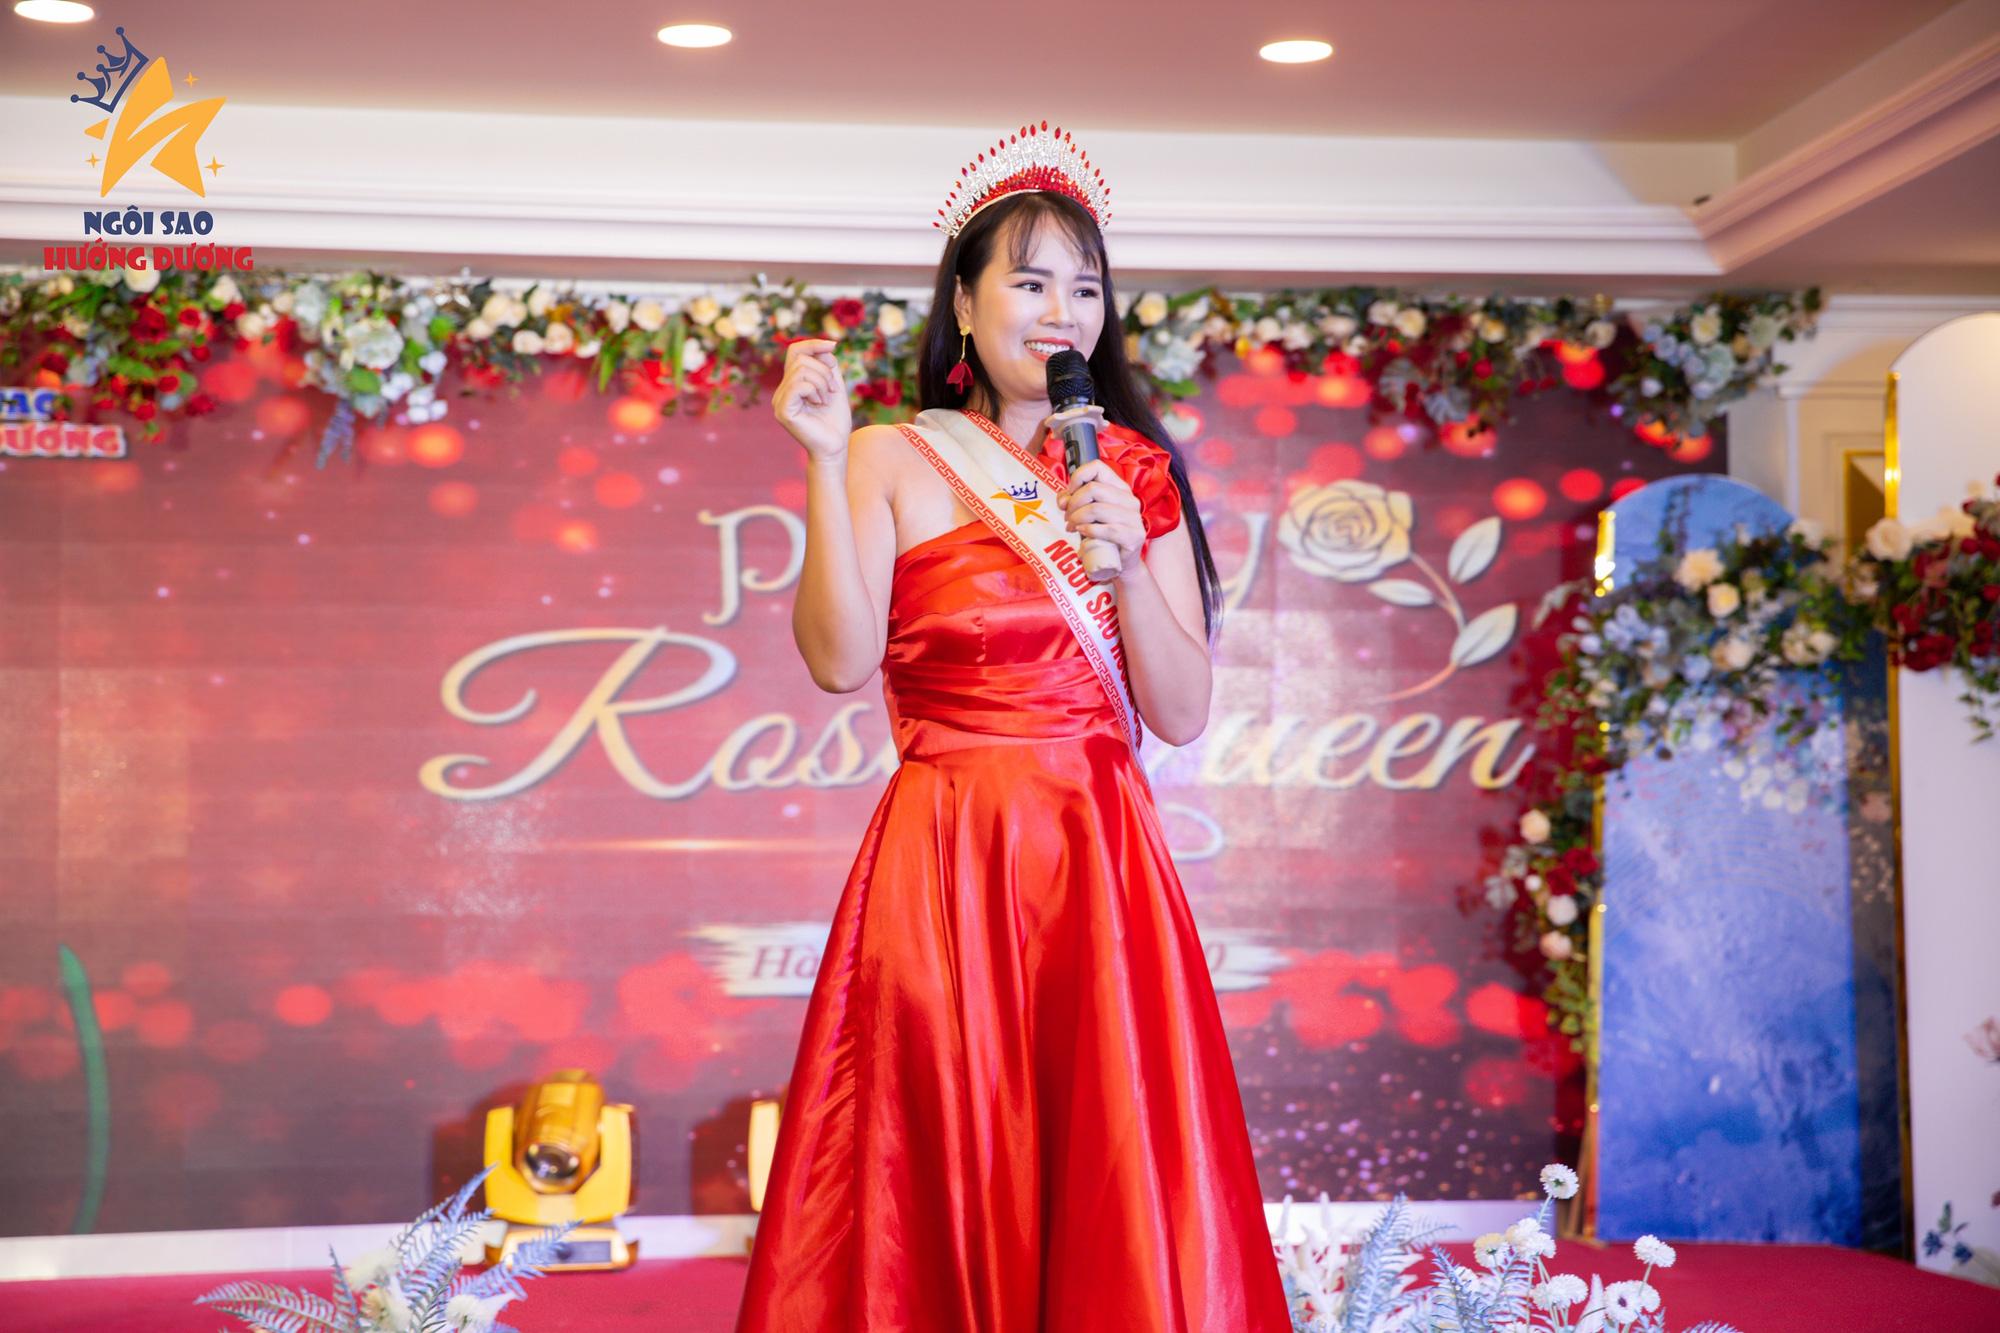 Nhà thơ Phạm Thị Ngọc Thanh làm thơ tặng phụ nữ nhân dịp 20/10 - Ảnh 3.